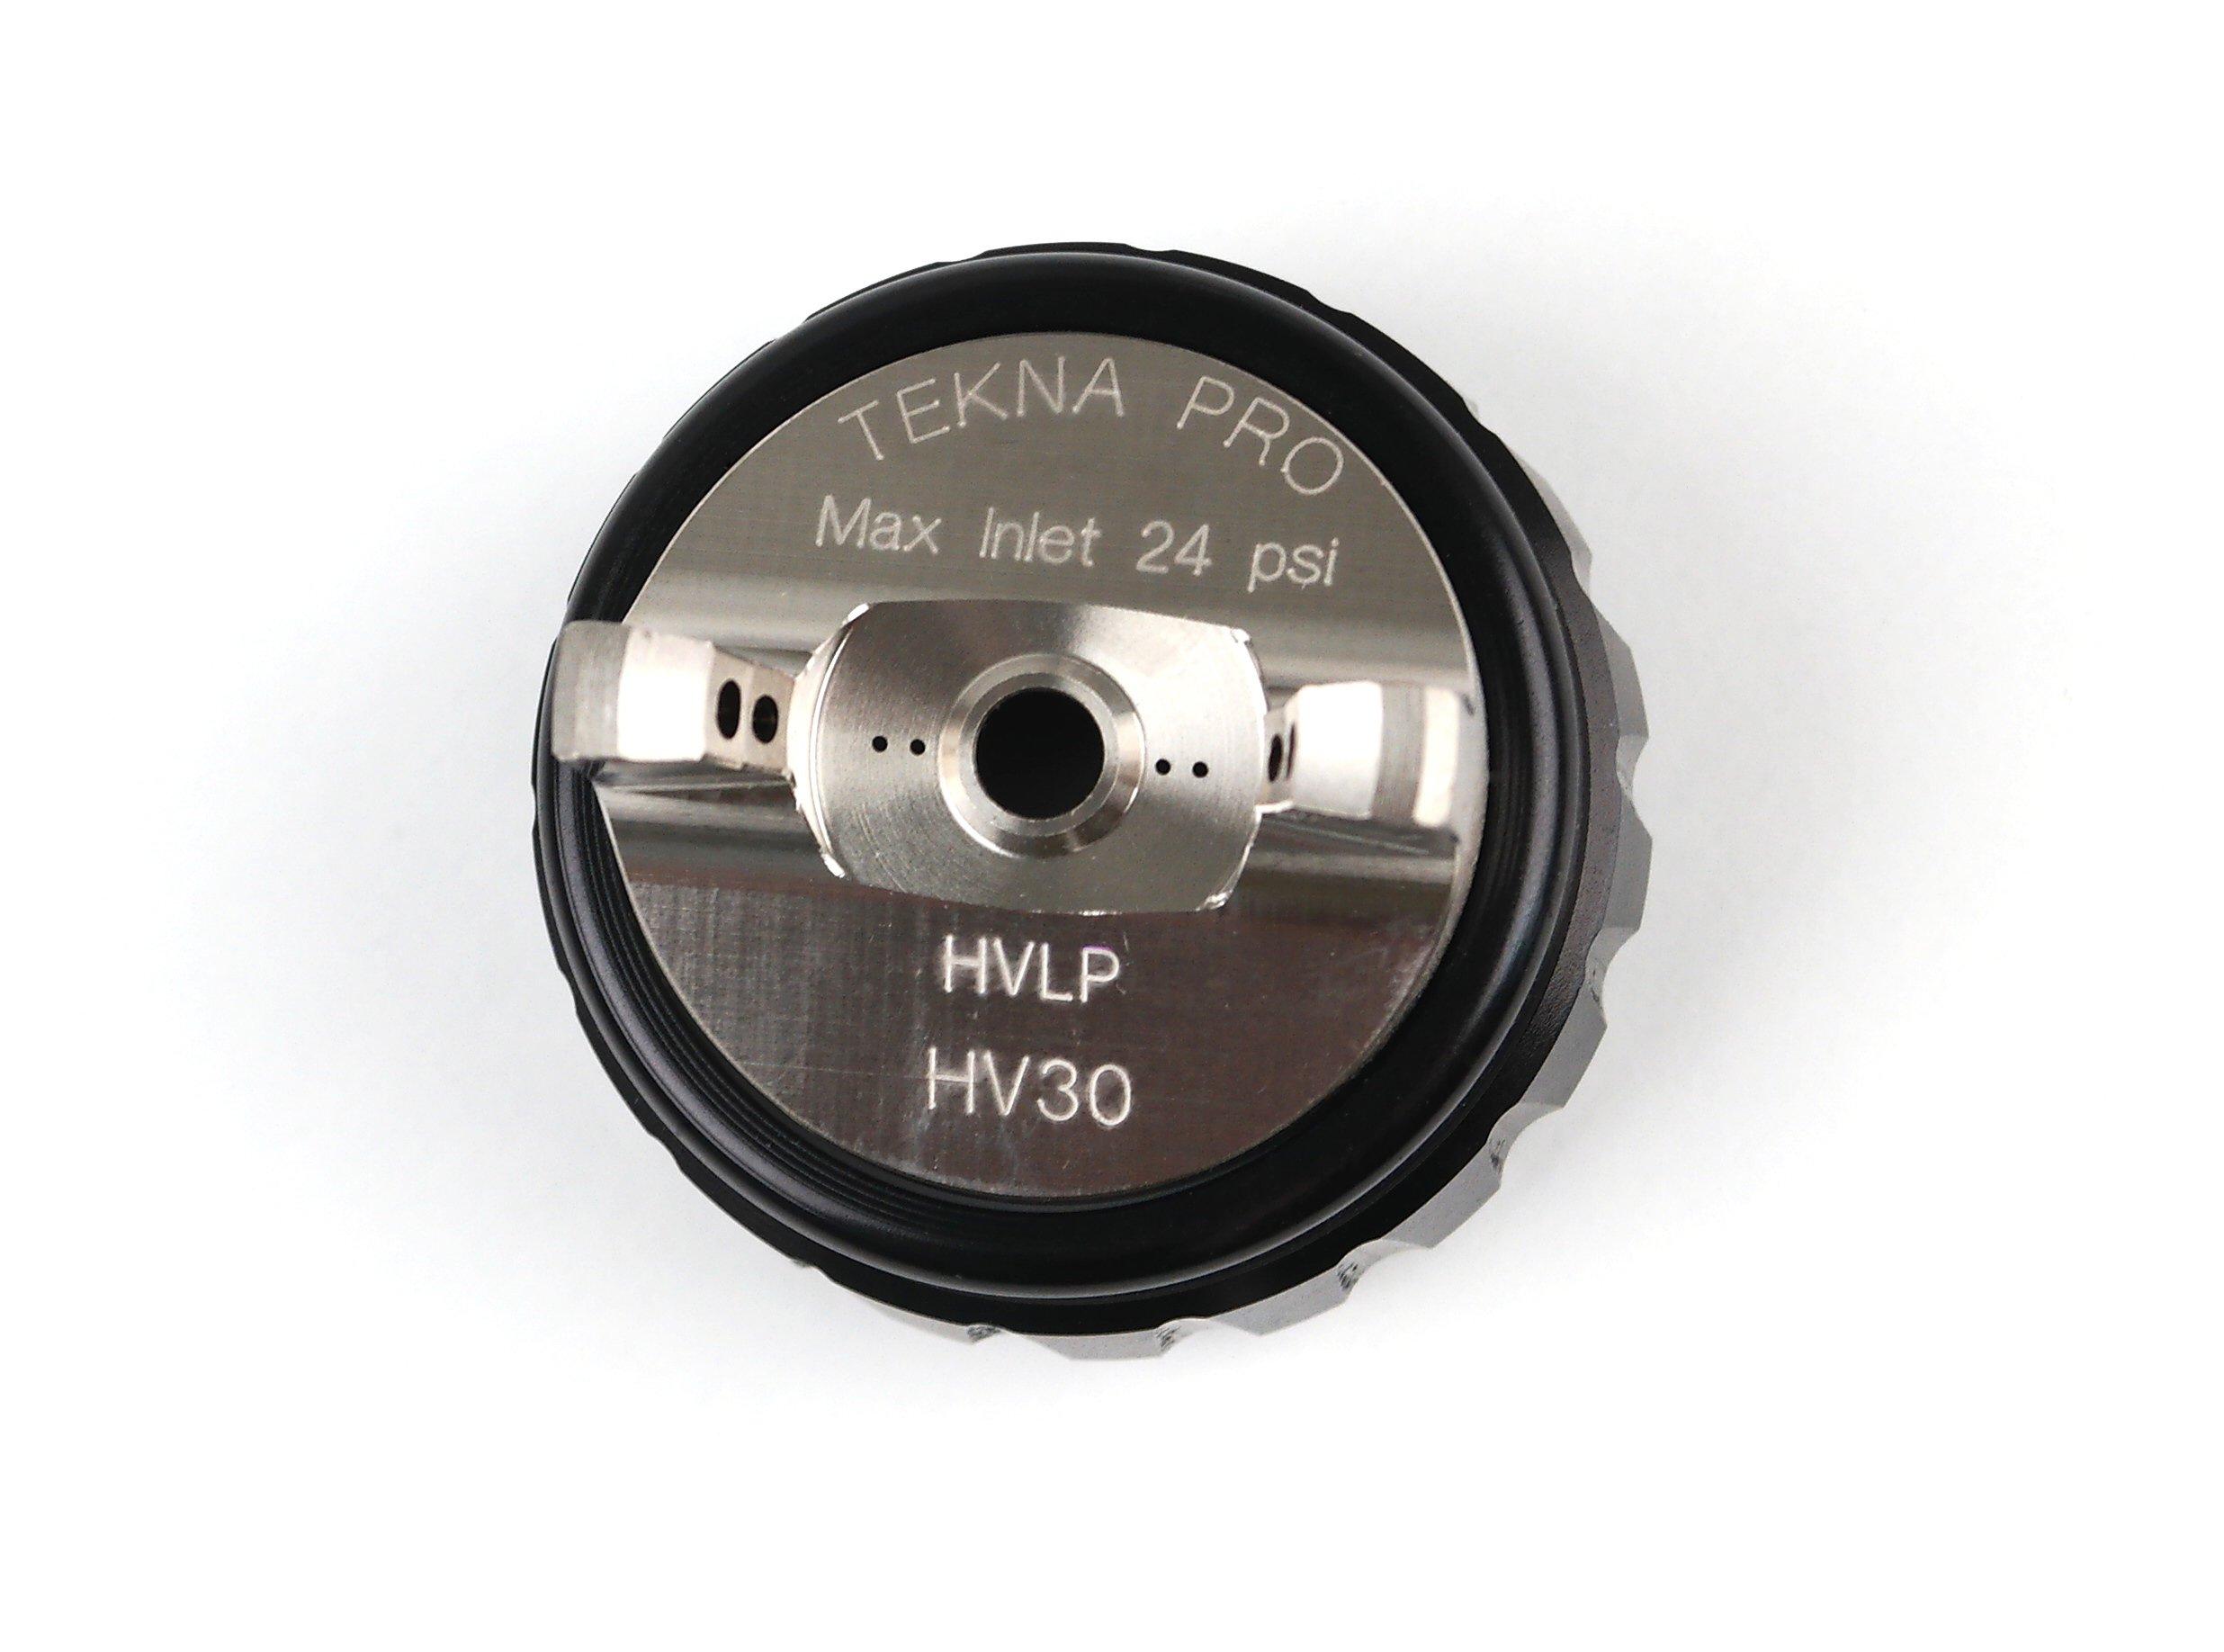 Tekna 703540 HV30 HVLP Air Cap and Retaining Ring for PRO/Prolite Spray Guns